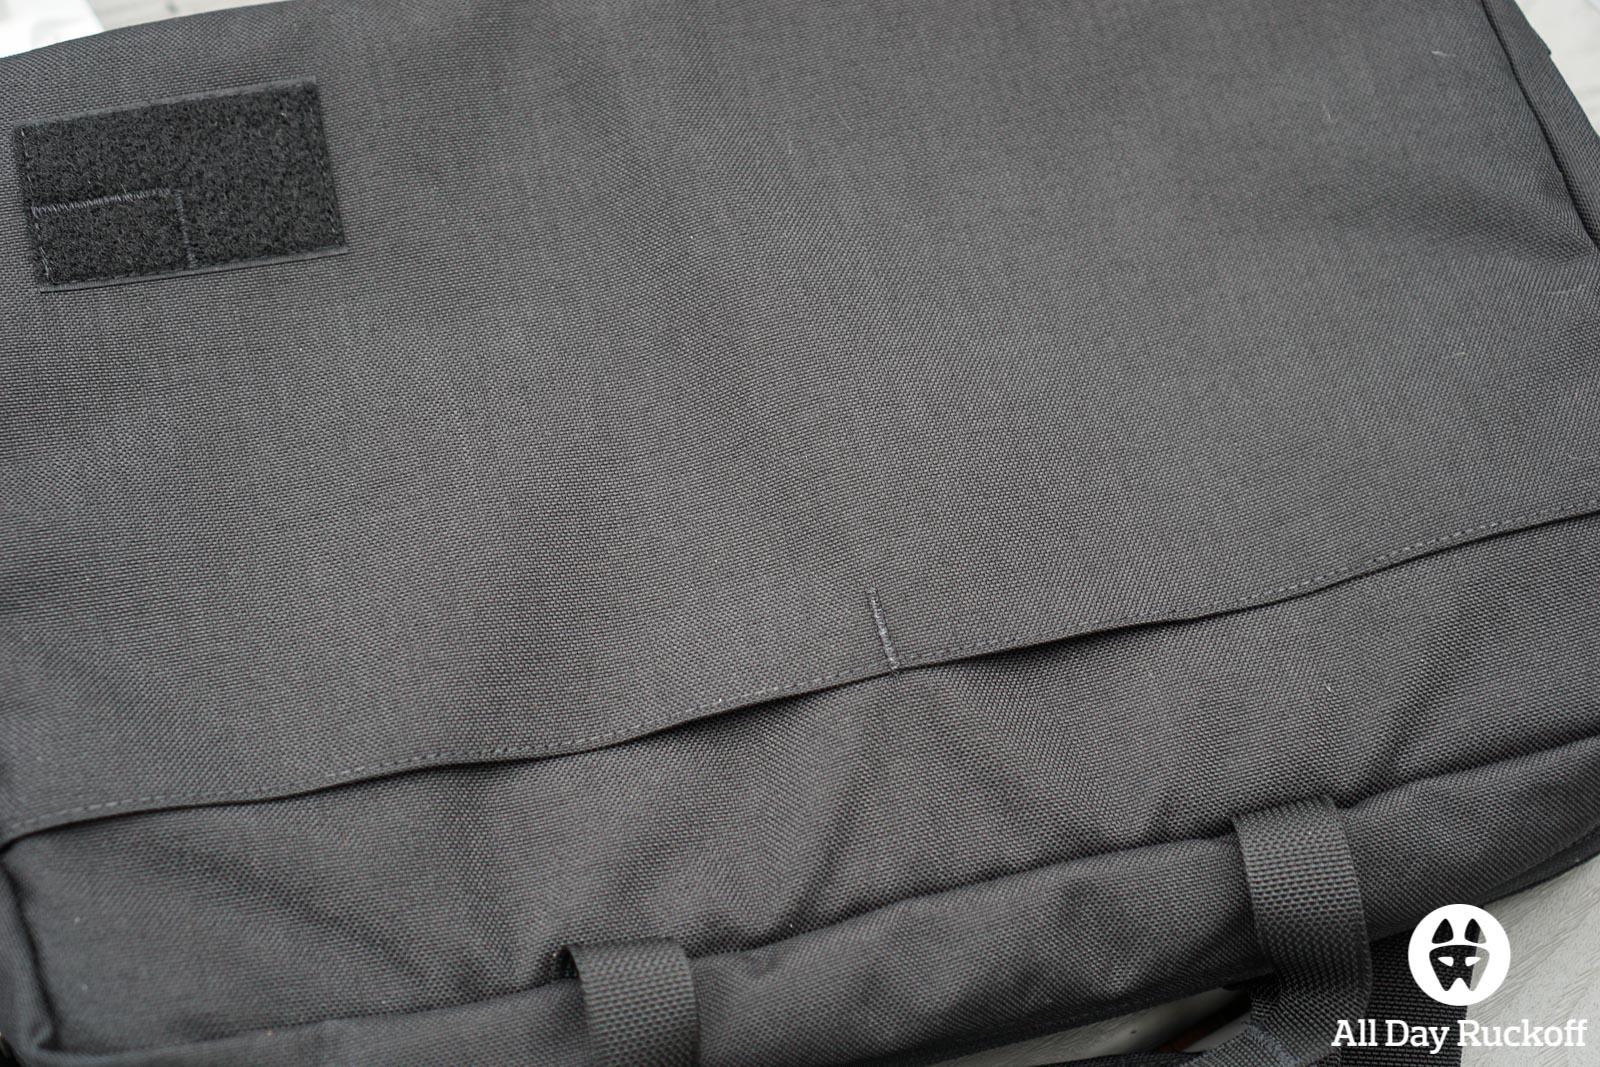 GORUCK Shoulder Bag 15L - Outside Pockets